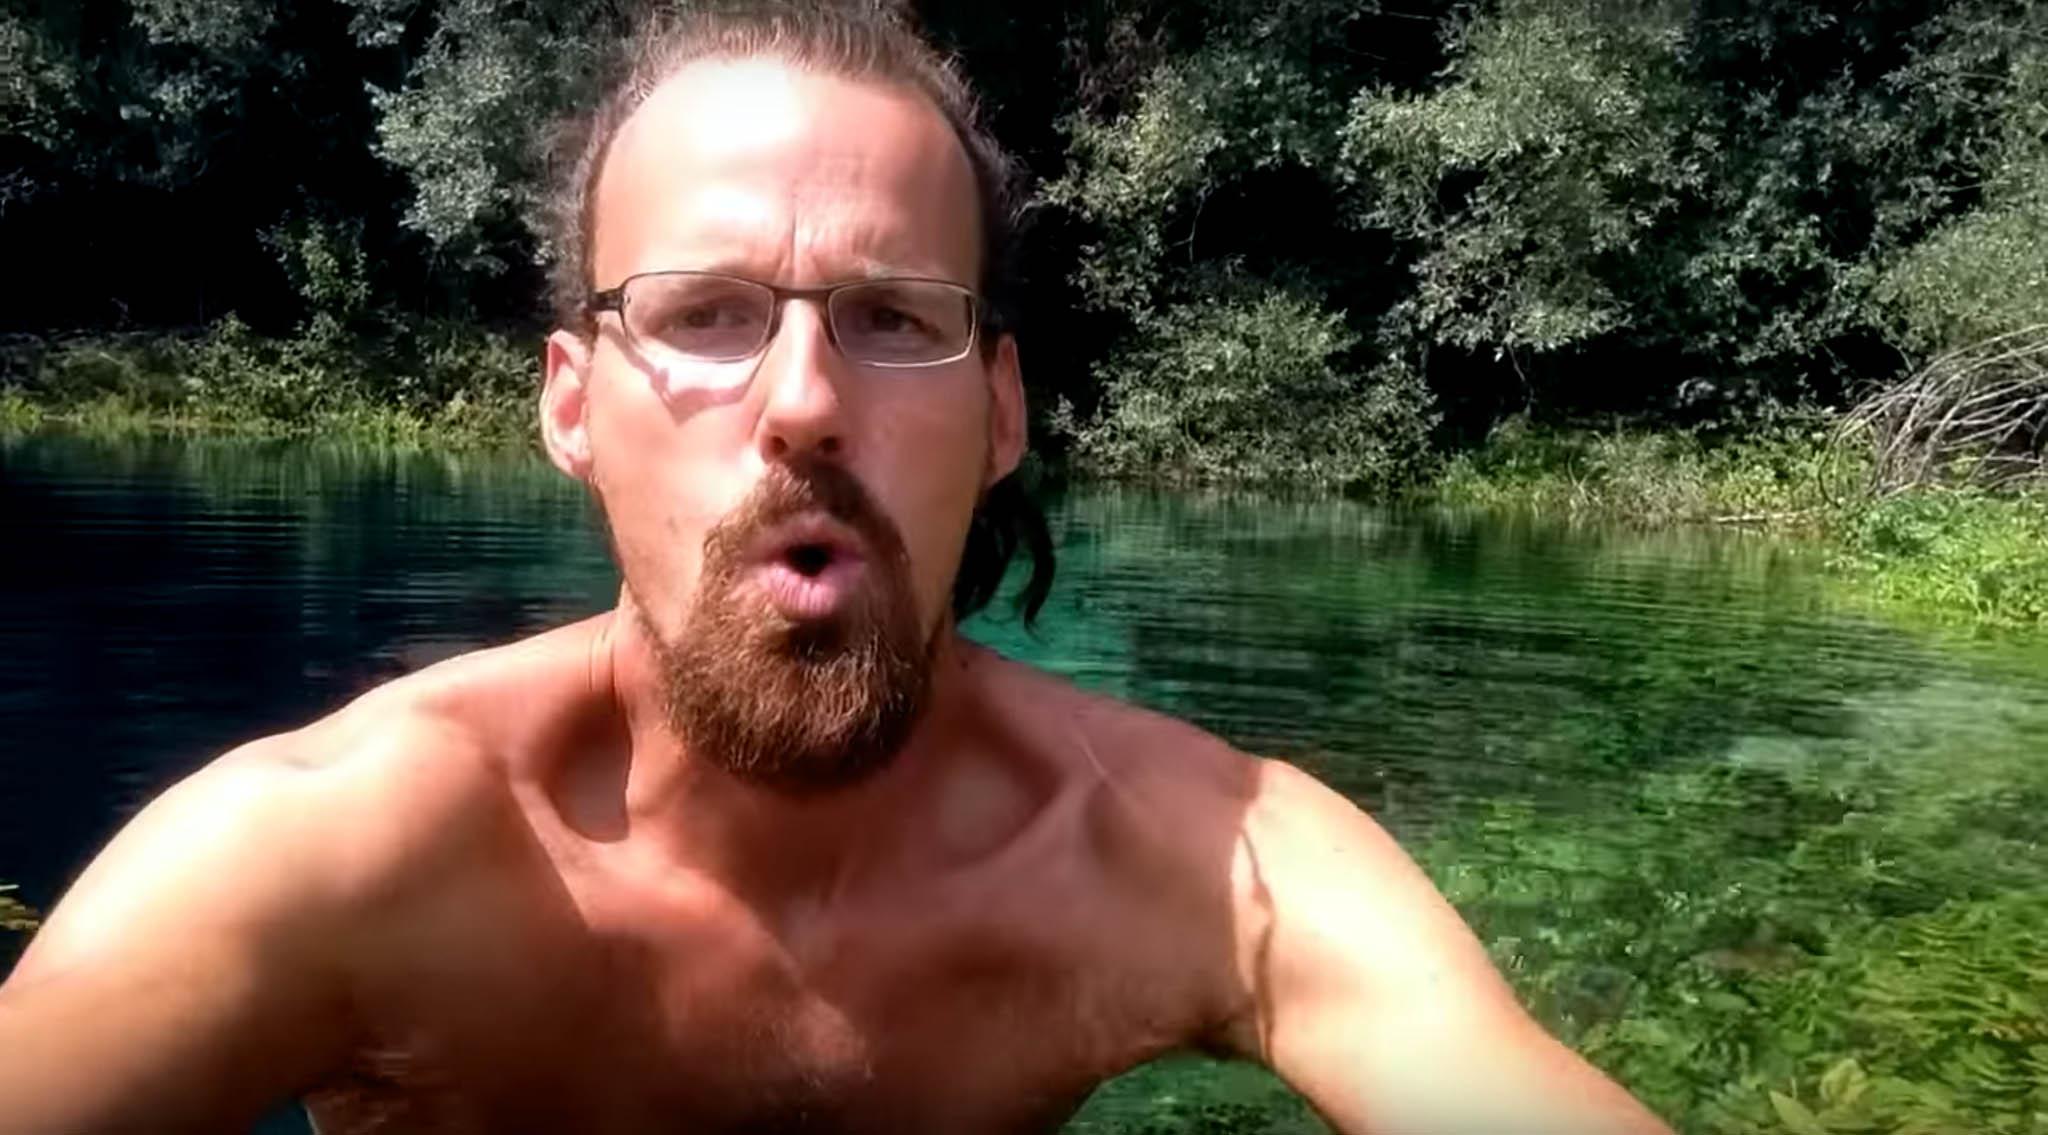 Unterwegs Duschen 35 Geile Möglichkeiten Dachzeltnomaden